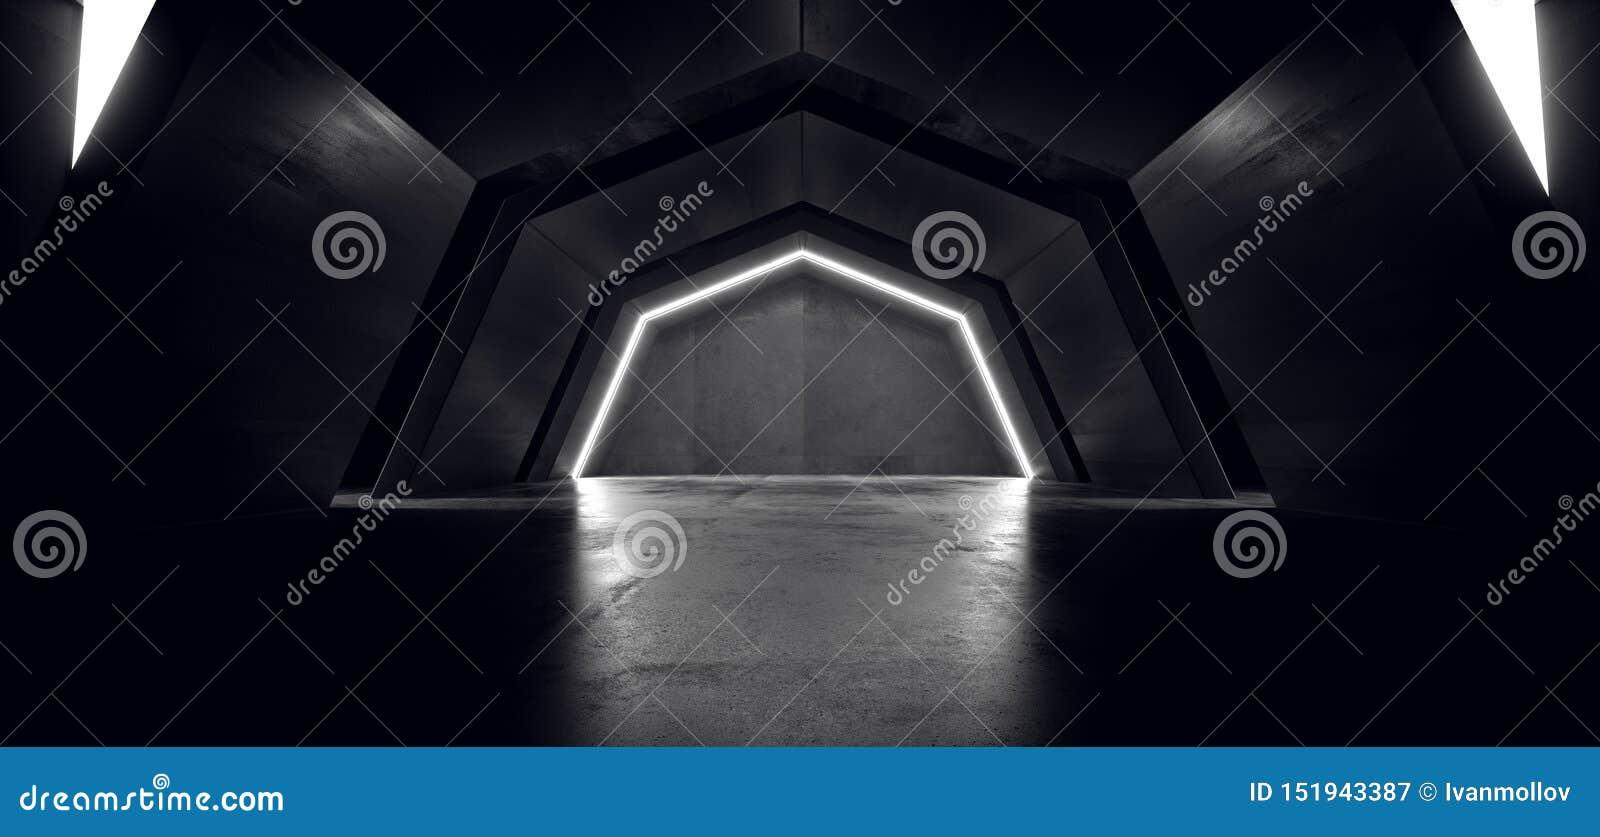 未来派科学幻想小说白色曲拱激光霓虹灯发光的黑暗的难看的东西反射性具体隧道走廊走廊外籍人太空飞船